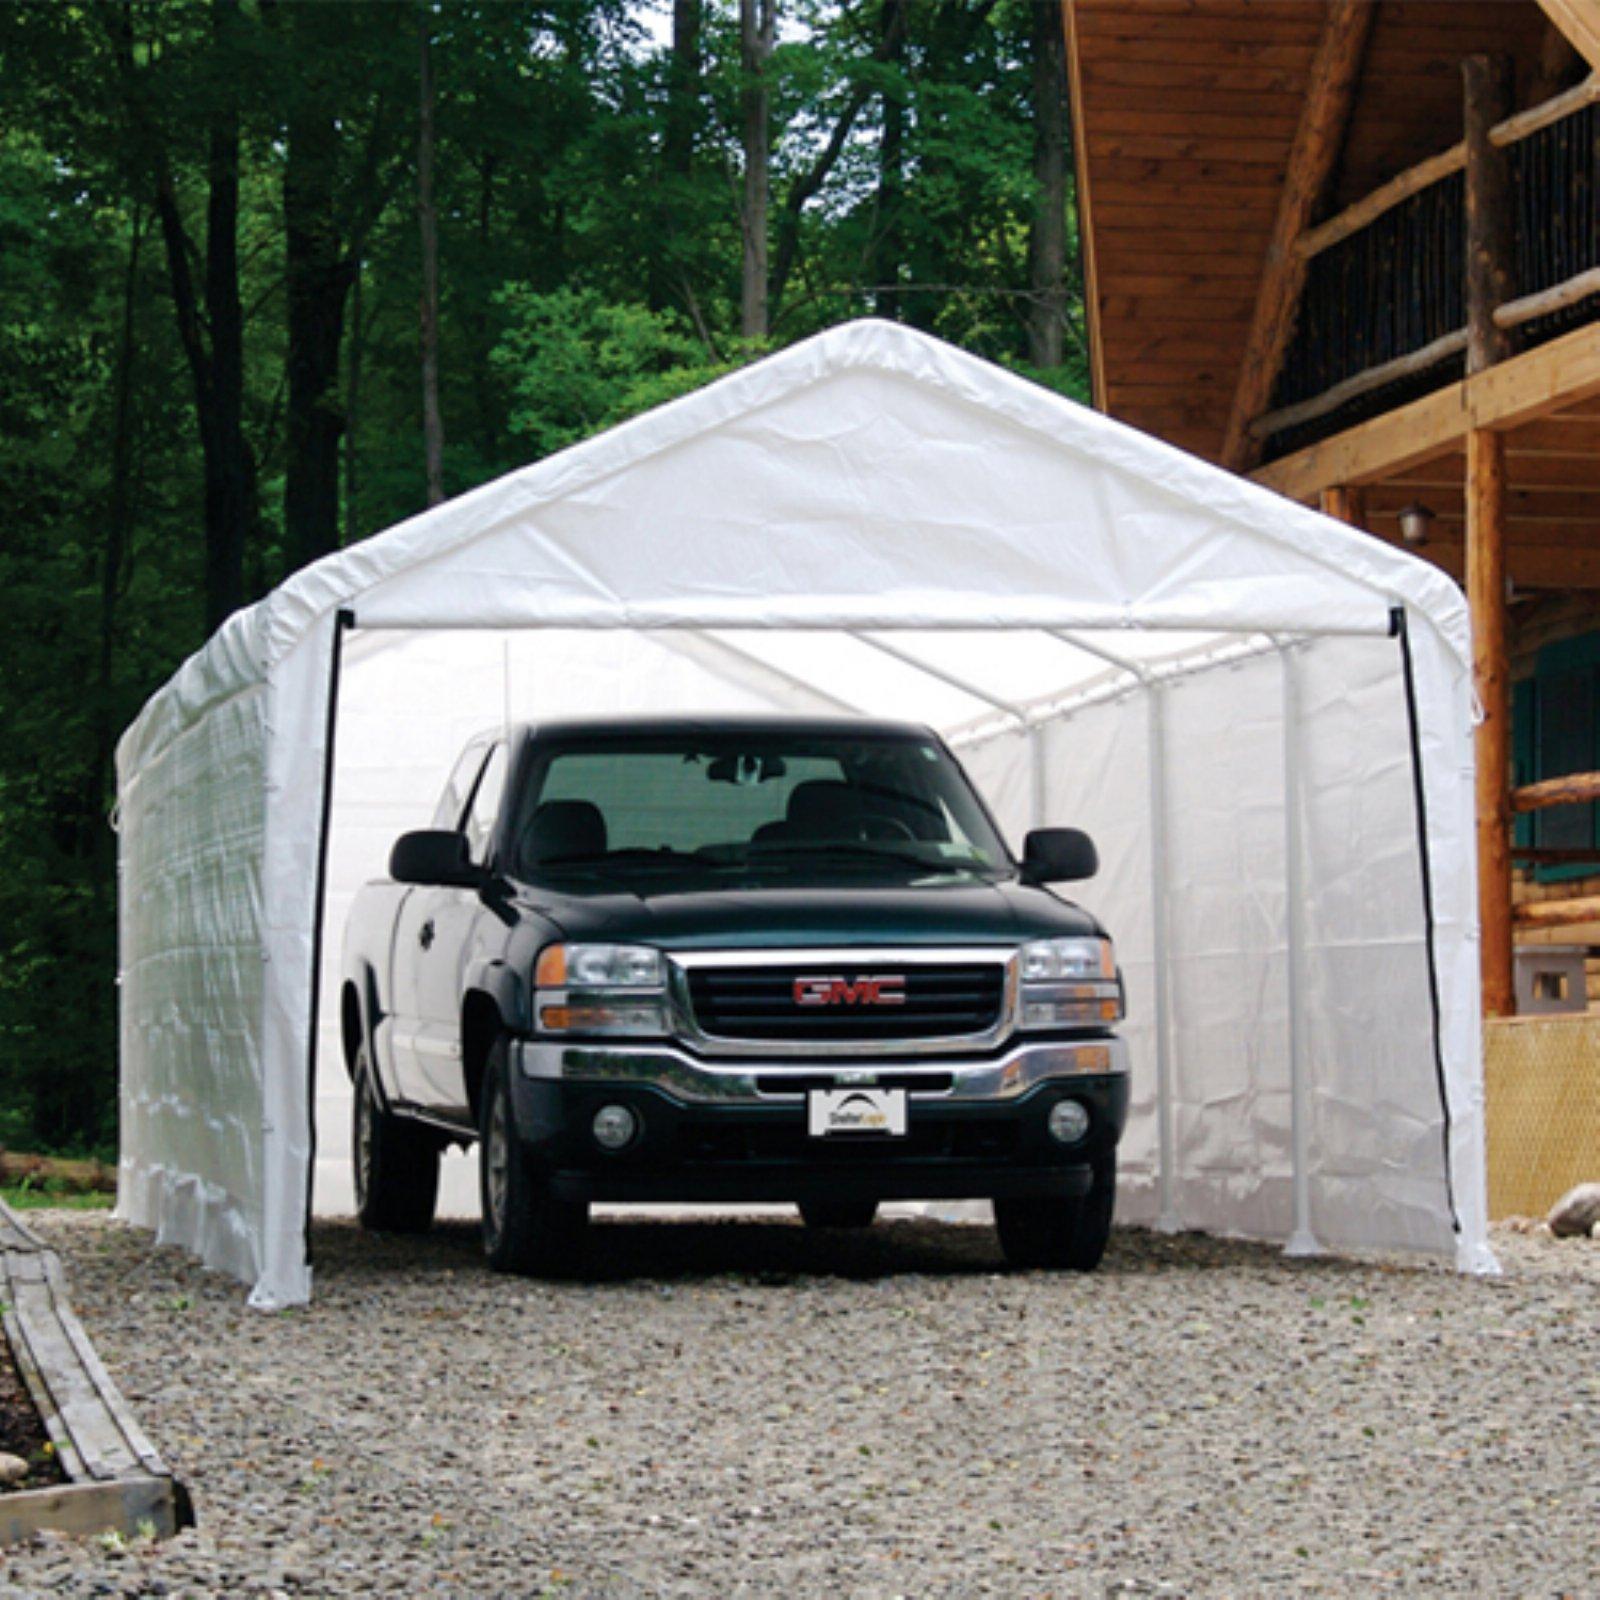 ShelterLogic 1840 White Canopy Enclosure Kit, FR Rated